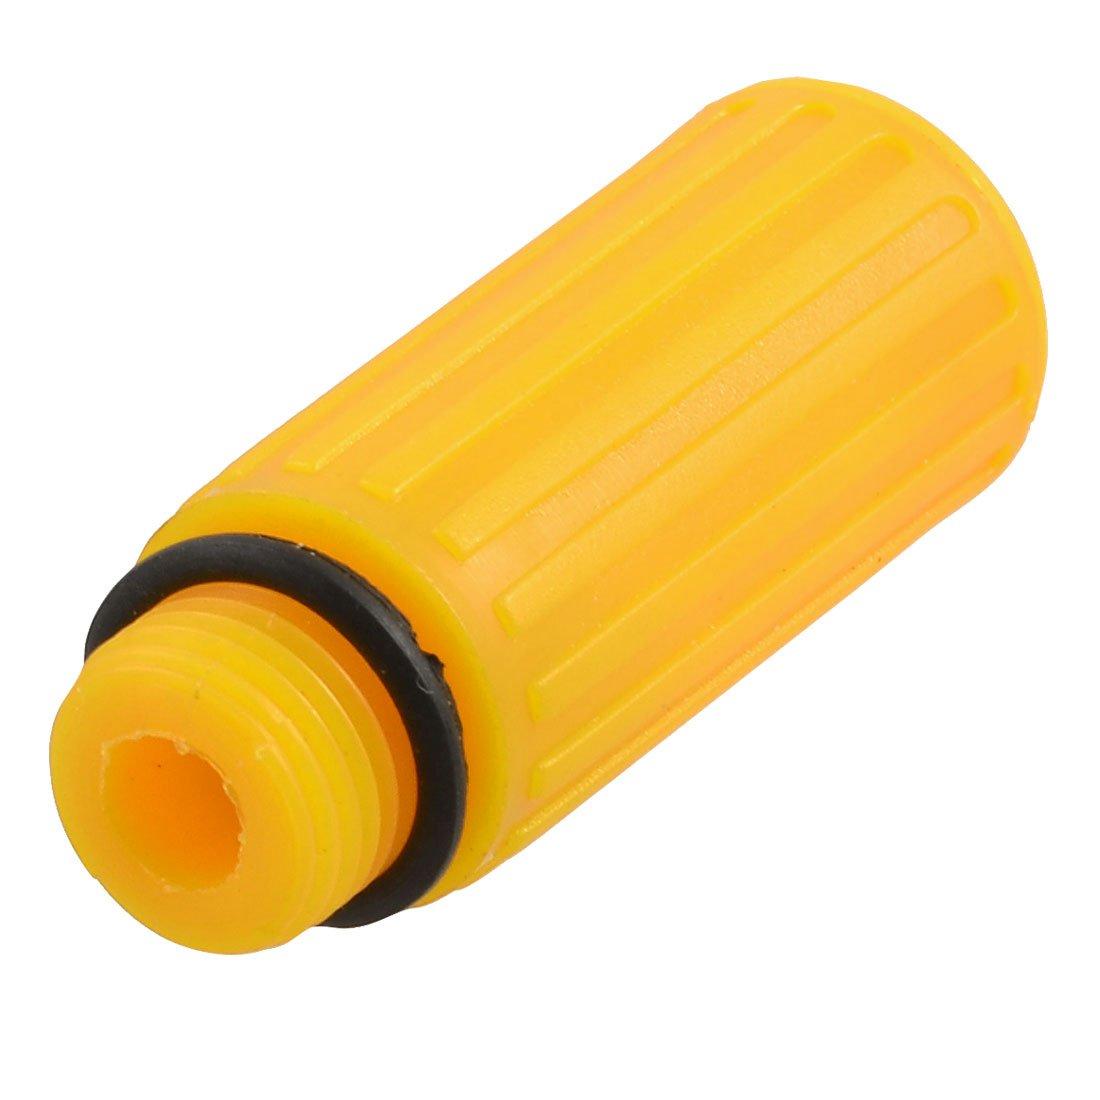 Sourcingmap - 16mm tapó n de aceite masculina diá metro de rosca de plá stico naranja para el compresor de aire a12070500ux0178